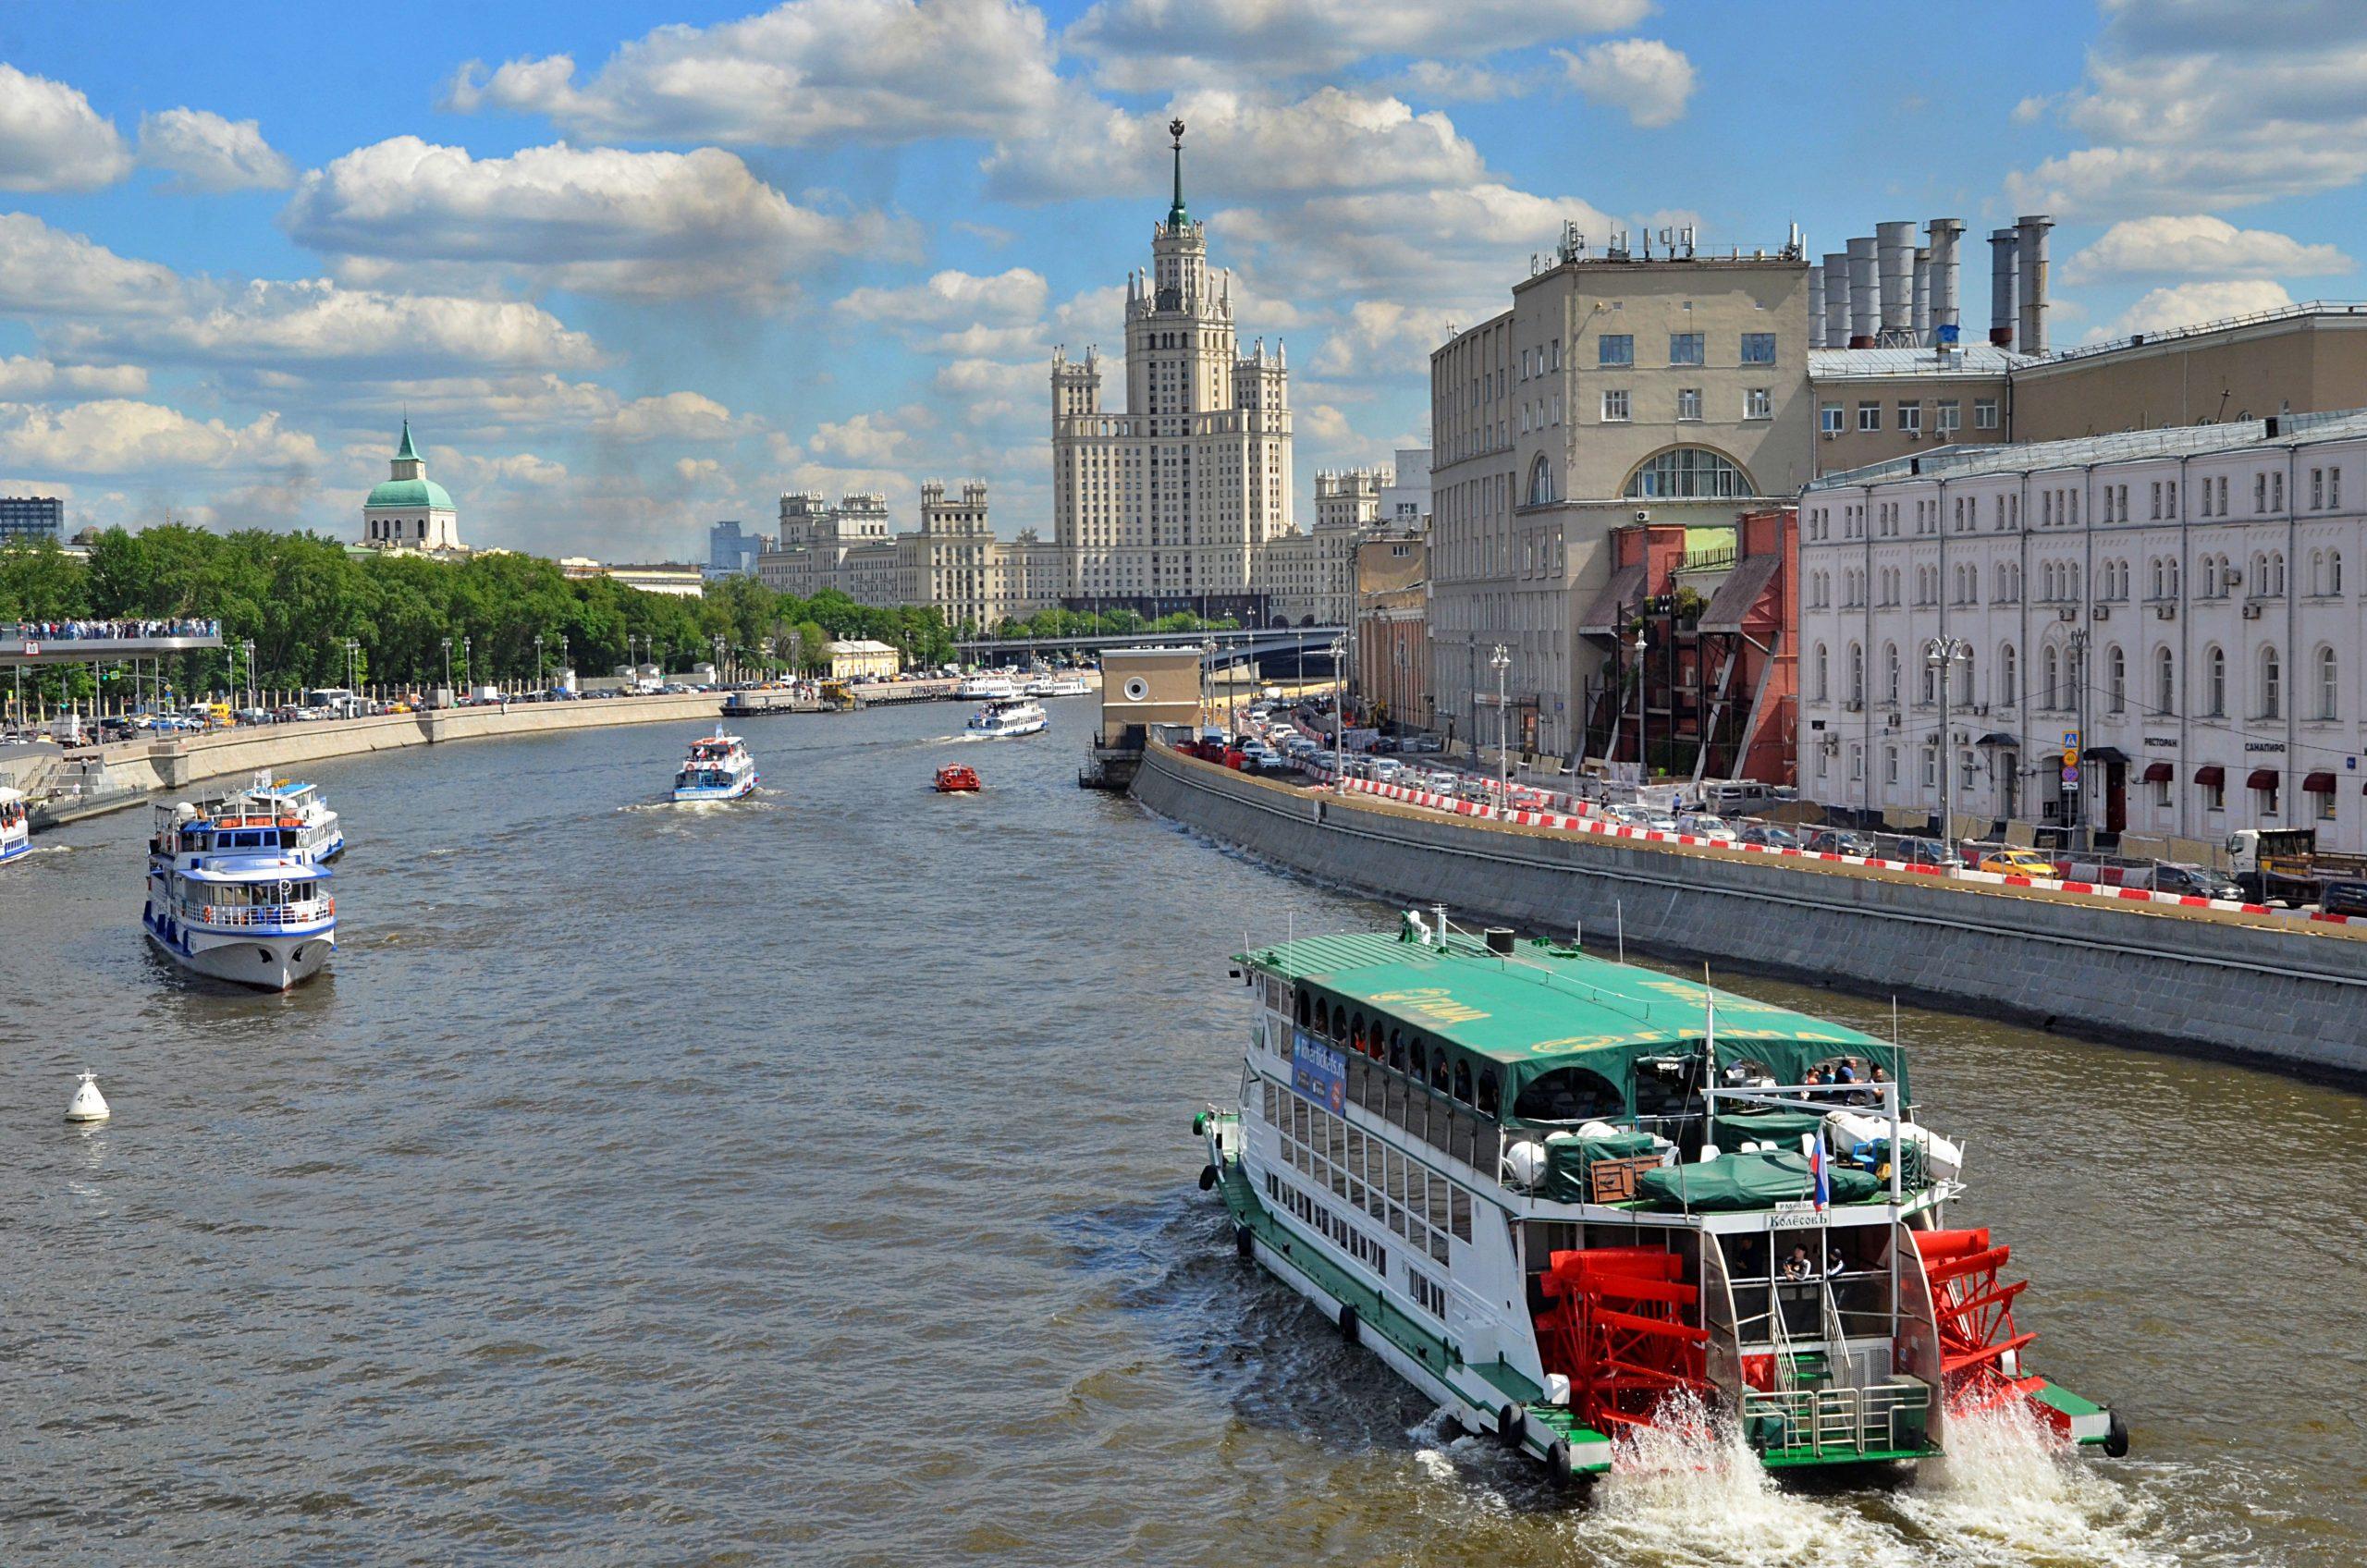 Организаторам концерта Арбениной на теплоходе в Москве грозит крупный штраф